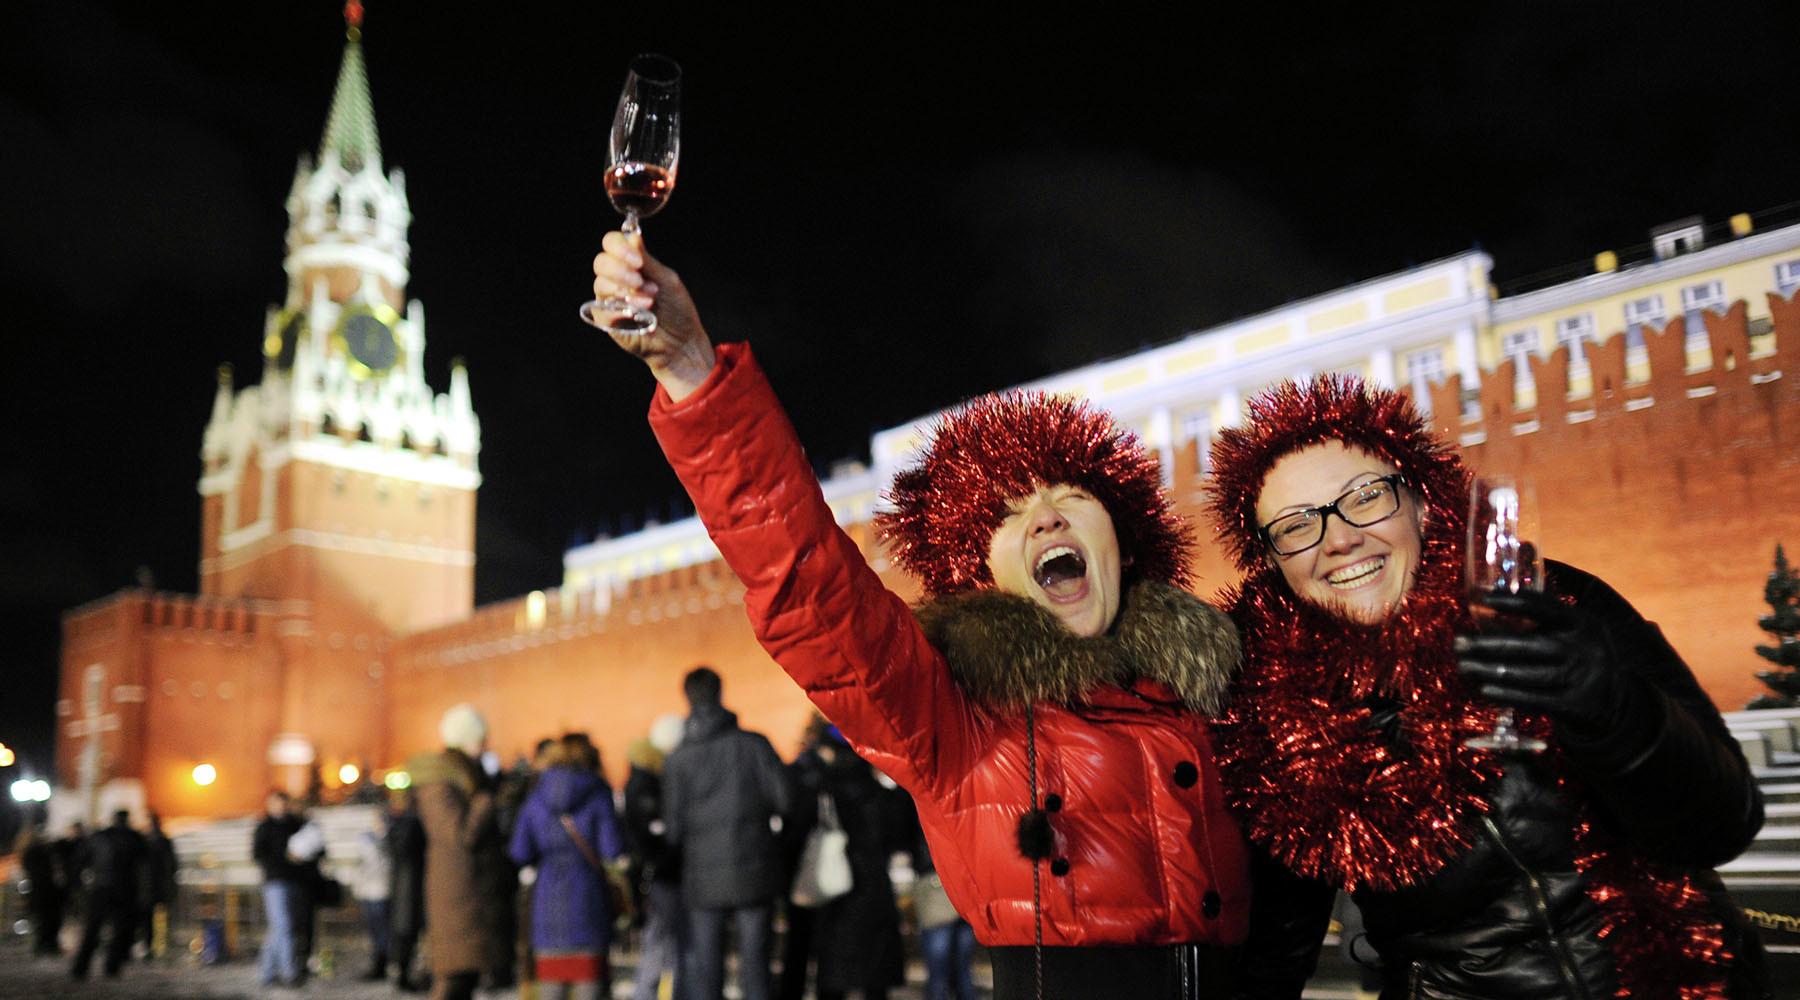 В России предлагают разрешить продавать шампанское круглосуточно в Новый год и Рождество